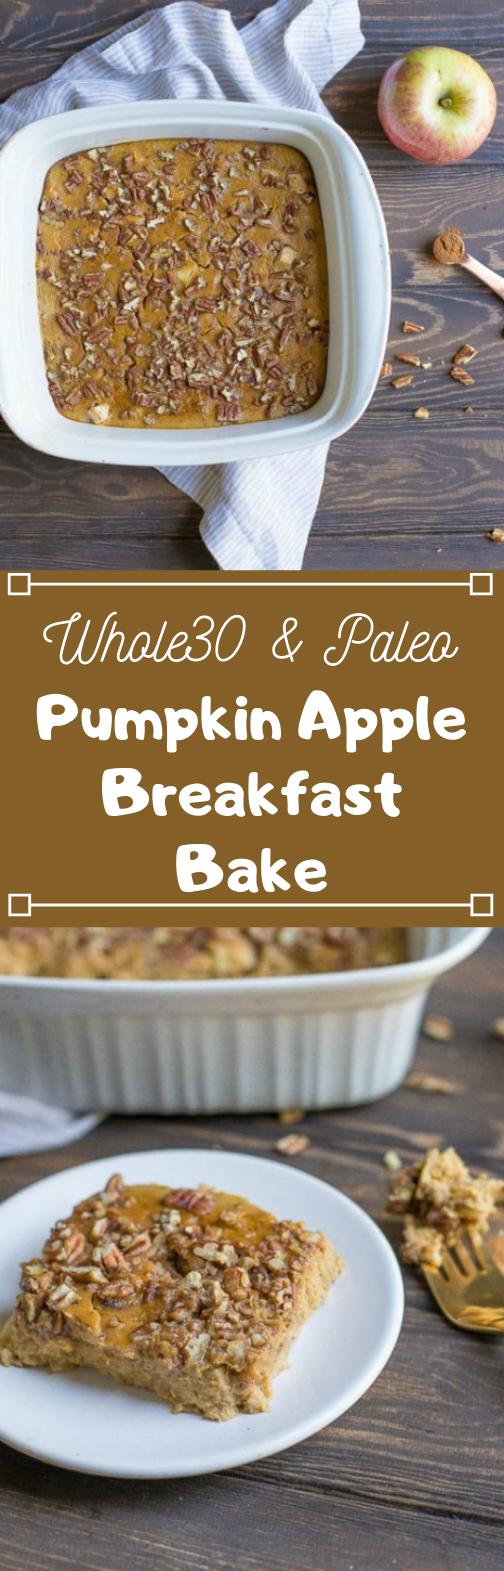 PUMPKIN APPLE BREAKFAST BAKE #diet #desserts #keto #paleo #breakfast